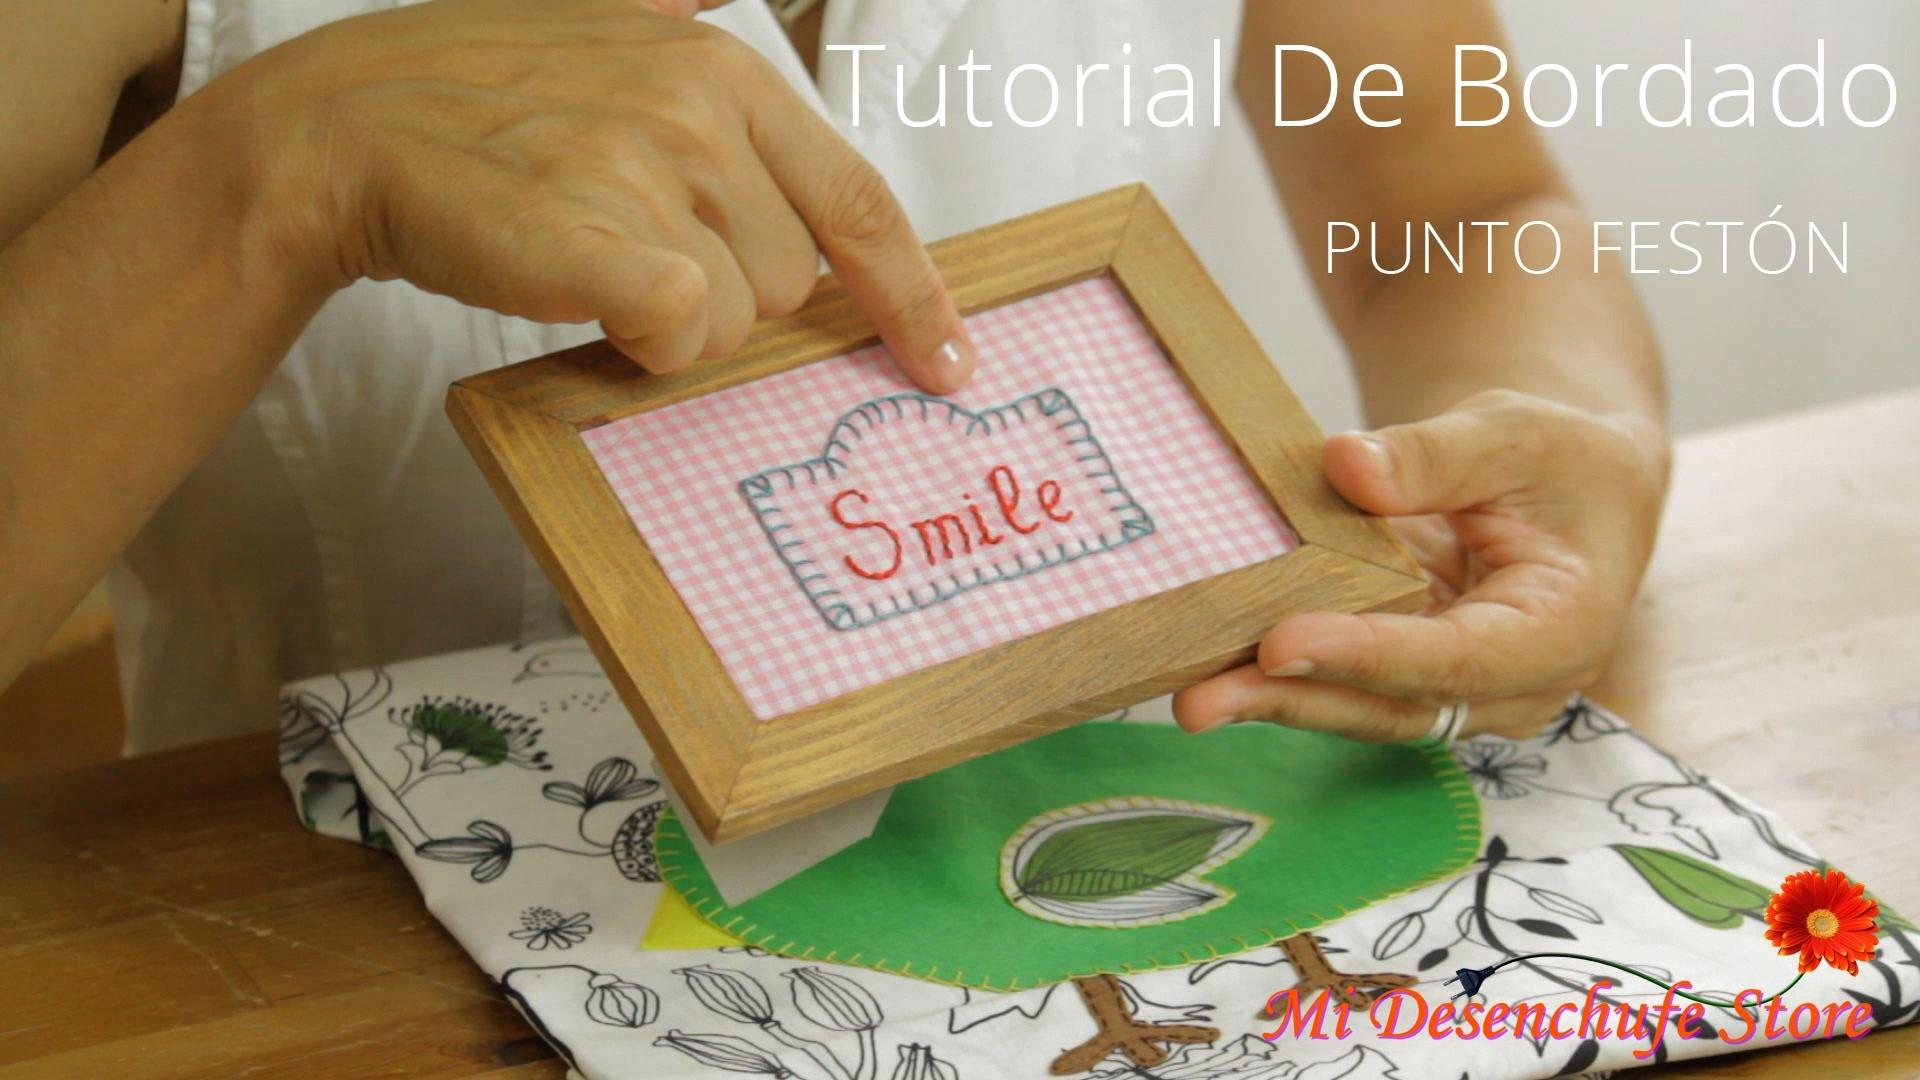 Tutorial #6 - Como bordar el Punto Festón o Punto Ojal - How to make buttonhole stitch